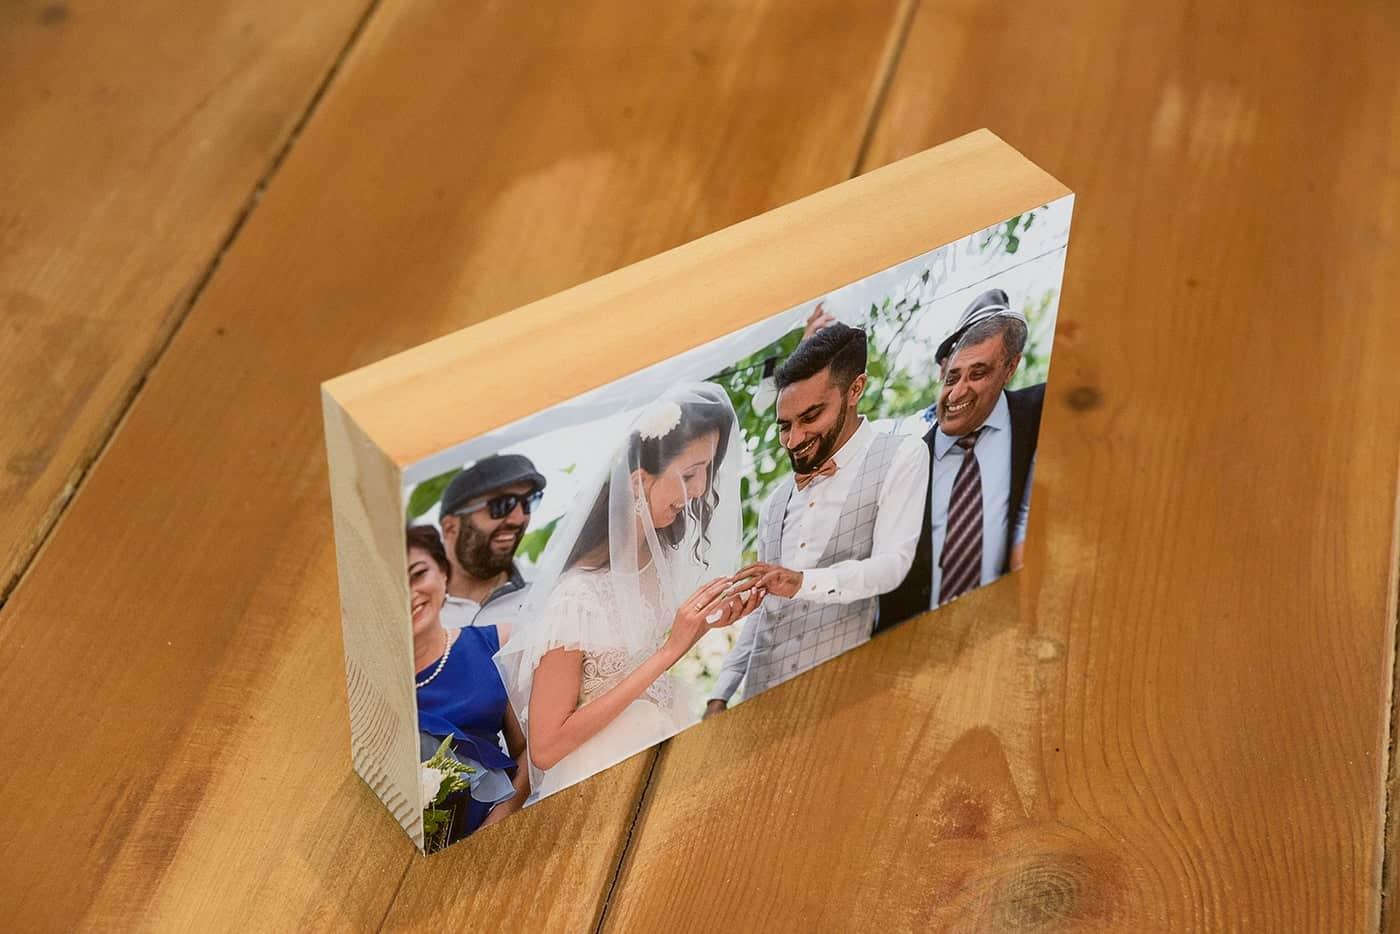 תמונות על בלוק עץ לאירועים